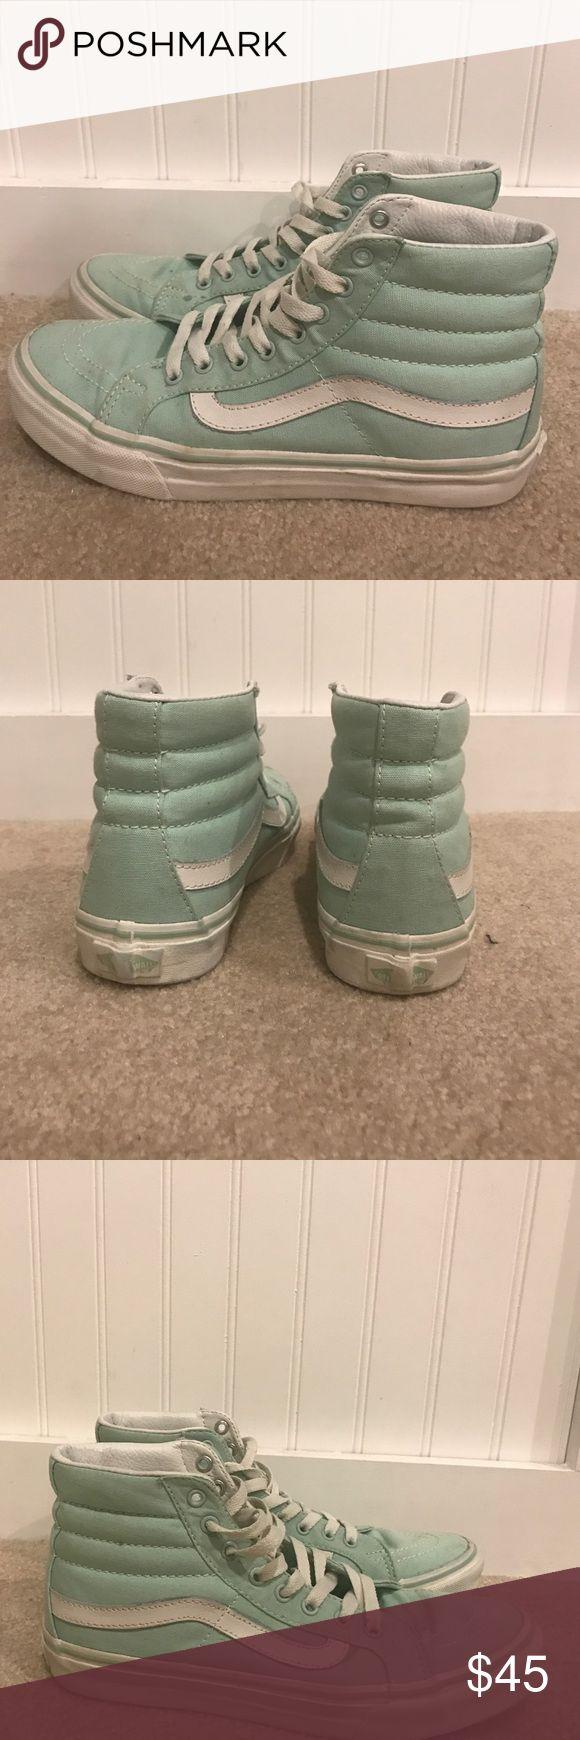 Sk8- HI teal vans slims Used, but only worn a handful of times. Vans Shoes Sneakers